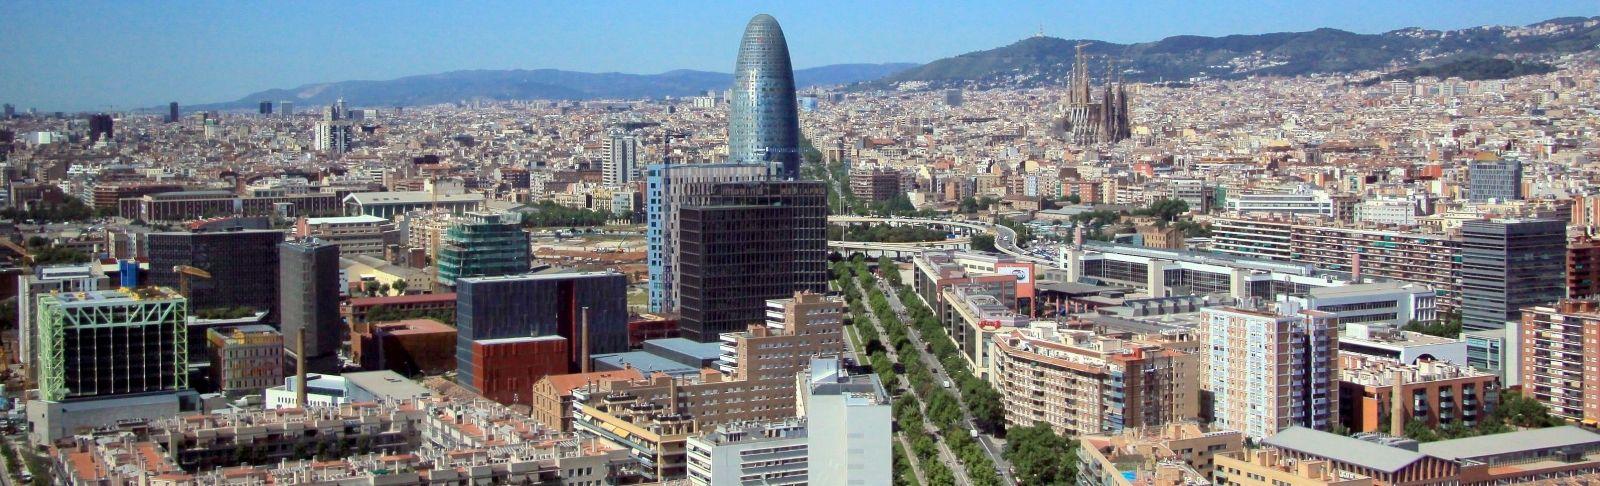 El districte del 22@ de Barcelona és una de les zones més atractives per instal·lar oficines